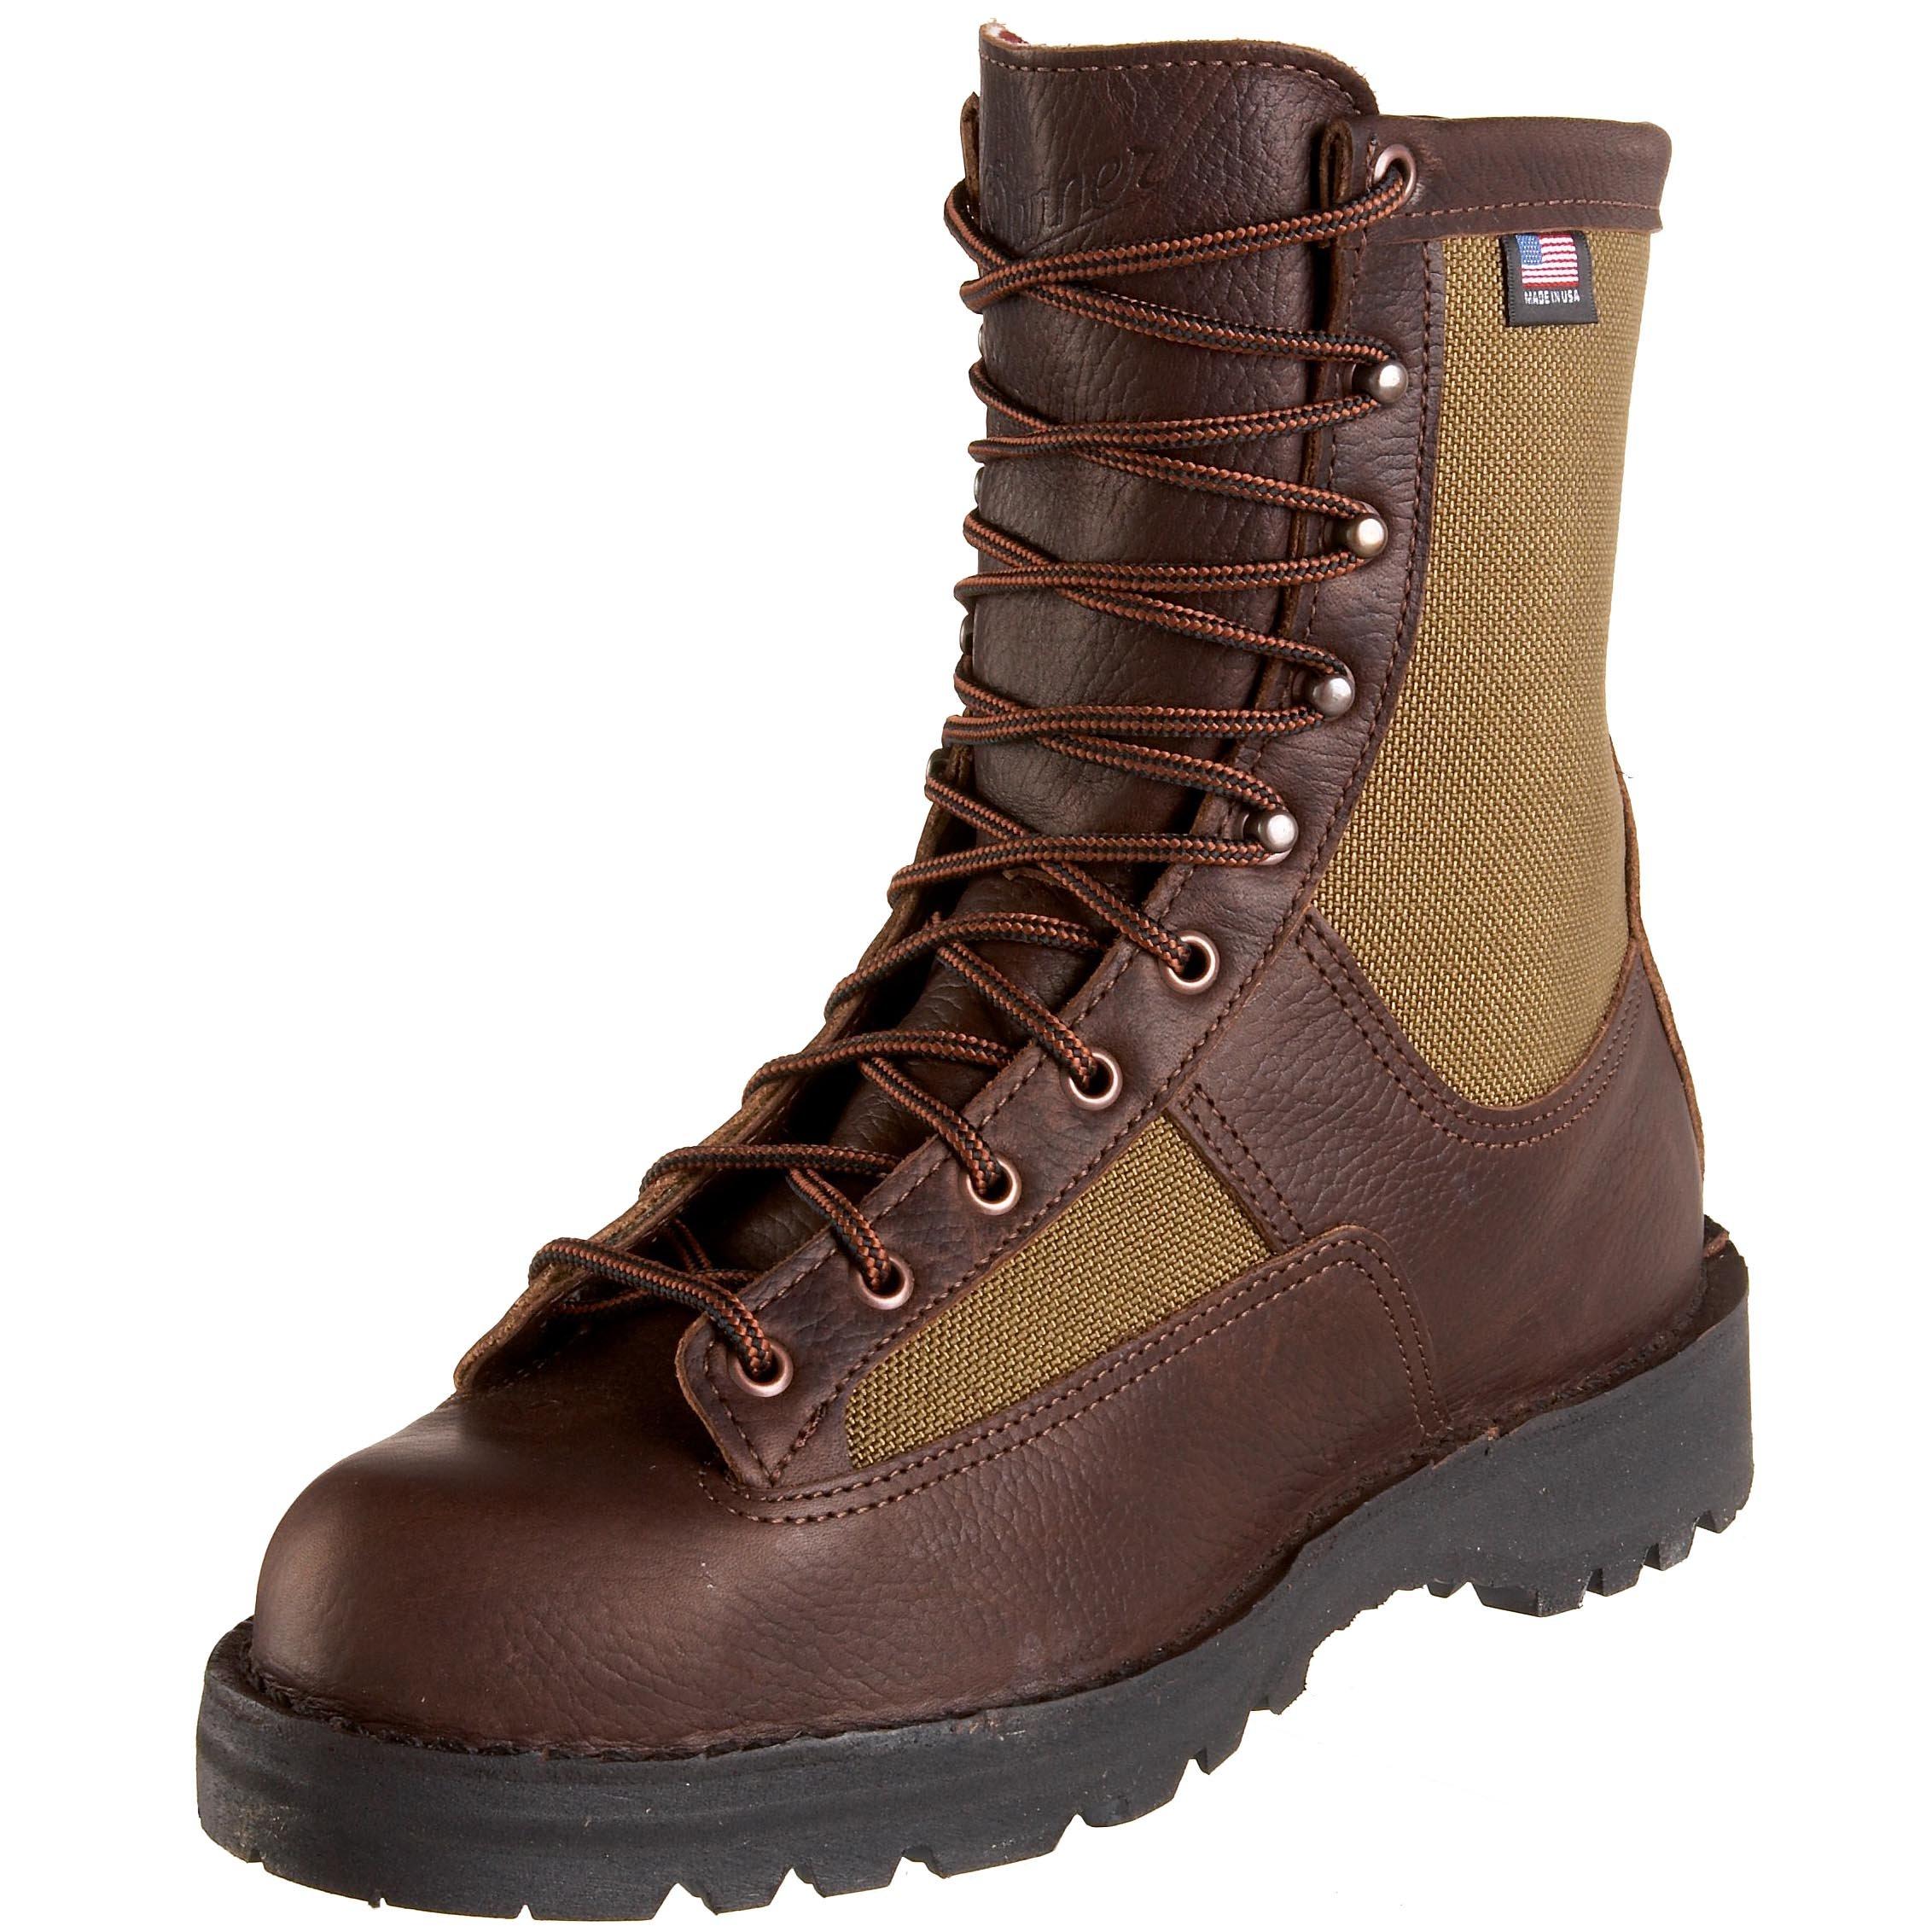 Danner Men's Sierra Hunting Boot,Brown,6 EE US